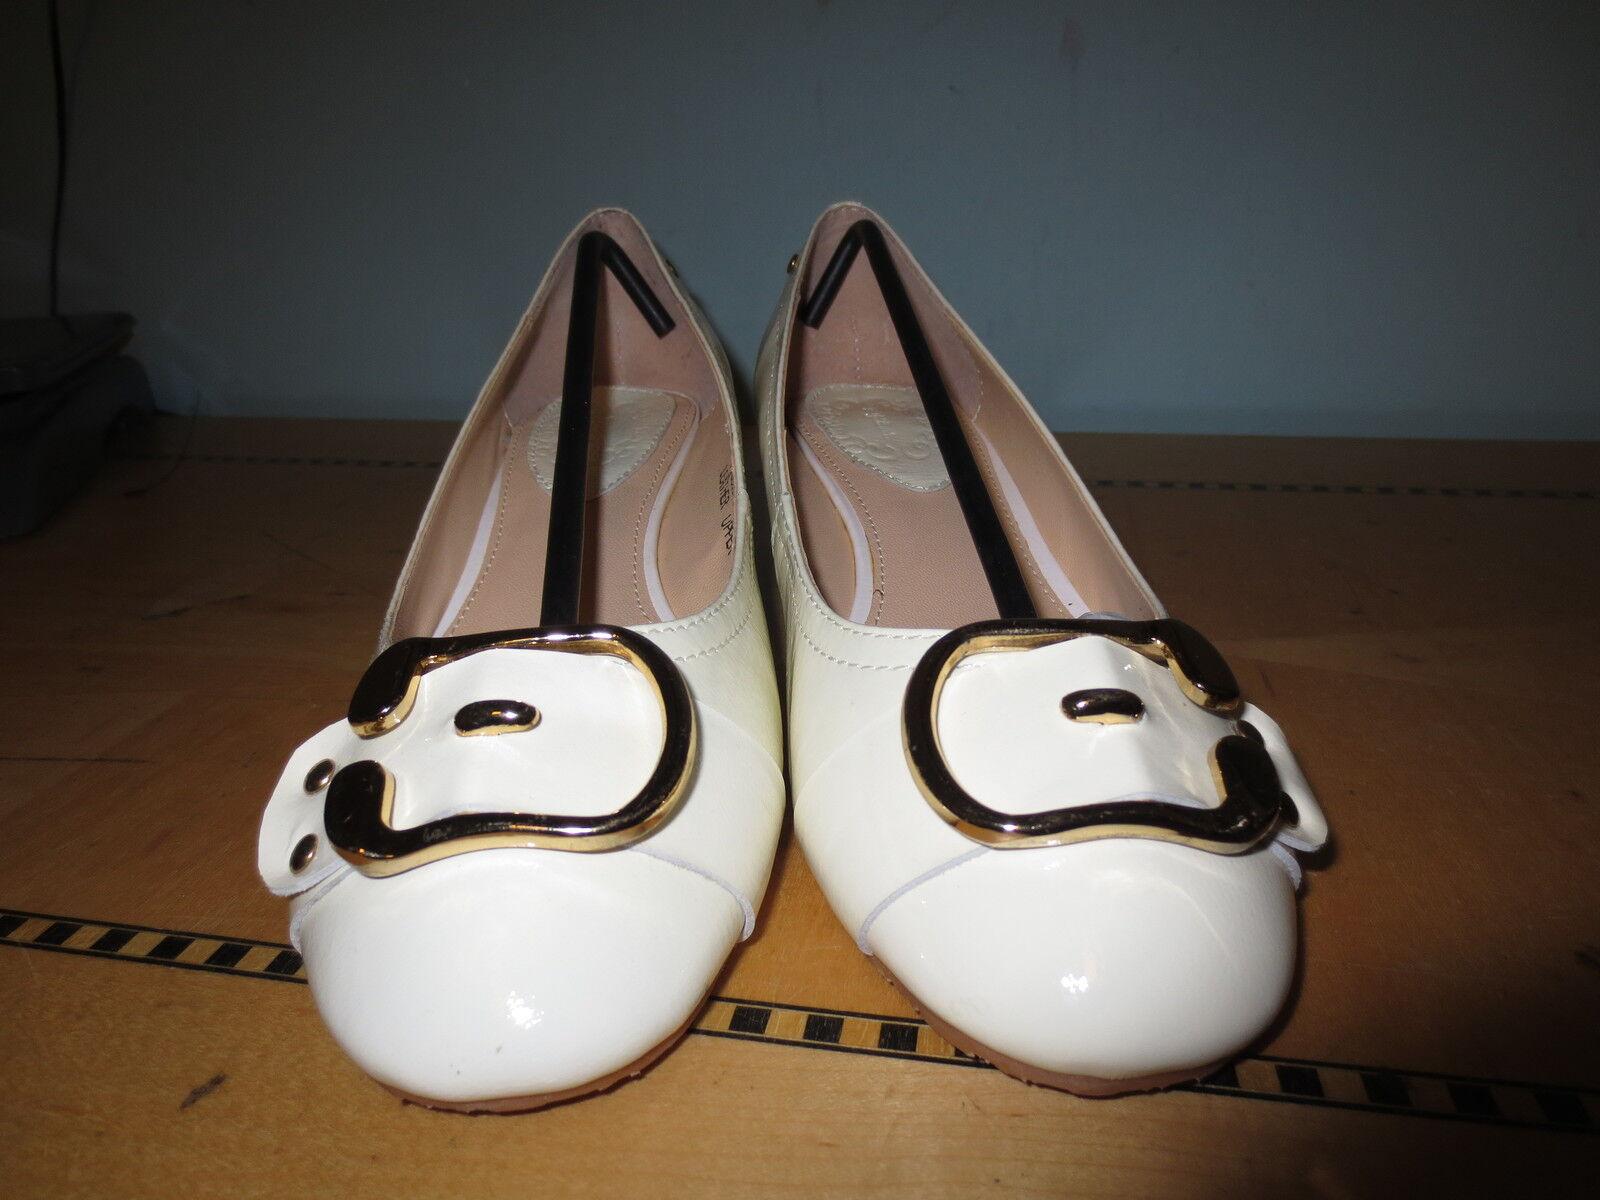 New retro style Weiß Brady patent low wedge shoe buckle toe sz 8.5 Brady Weiß 60's 2c2582